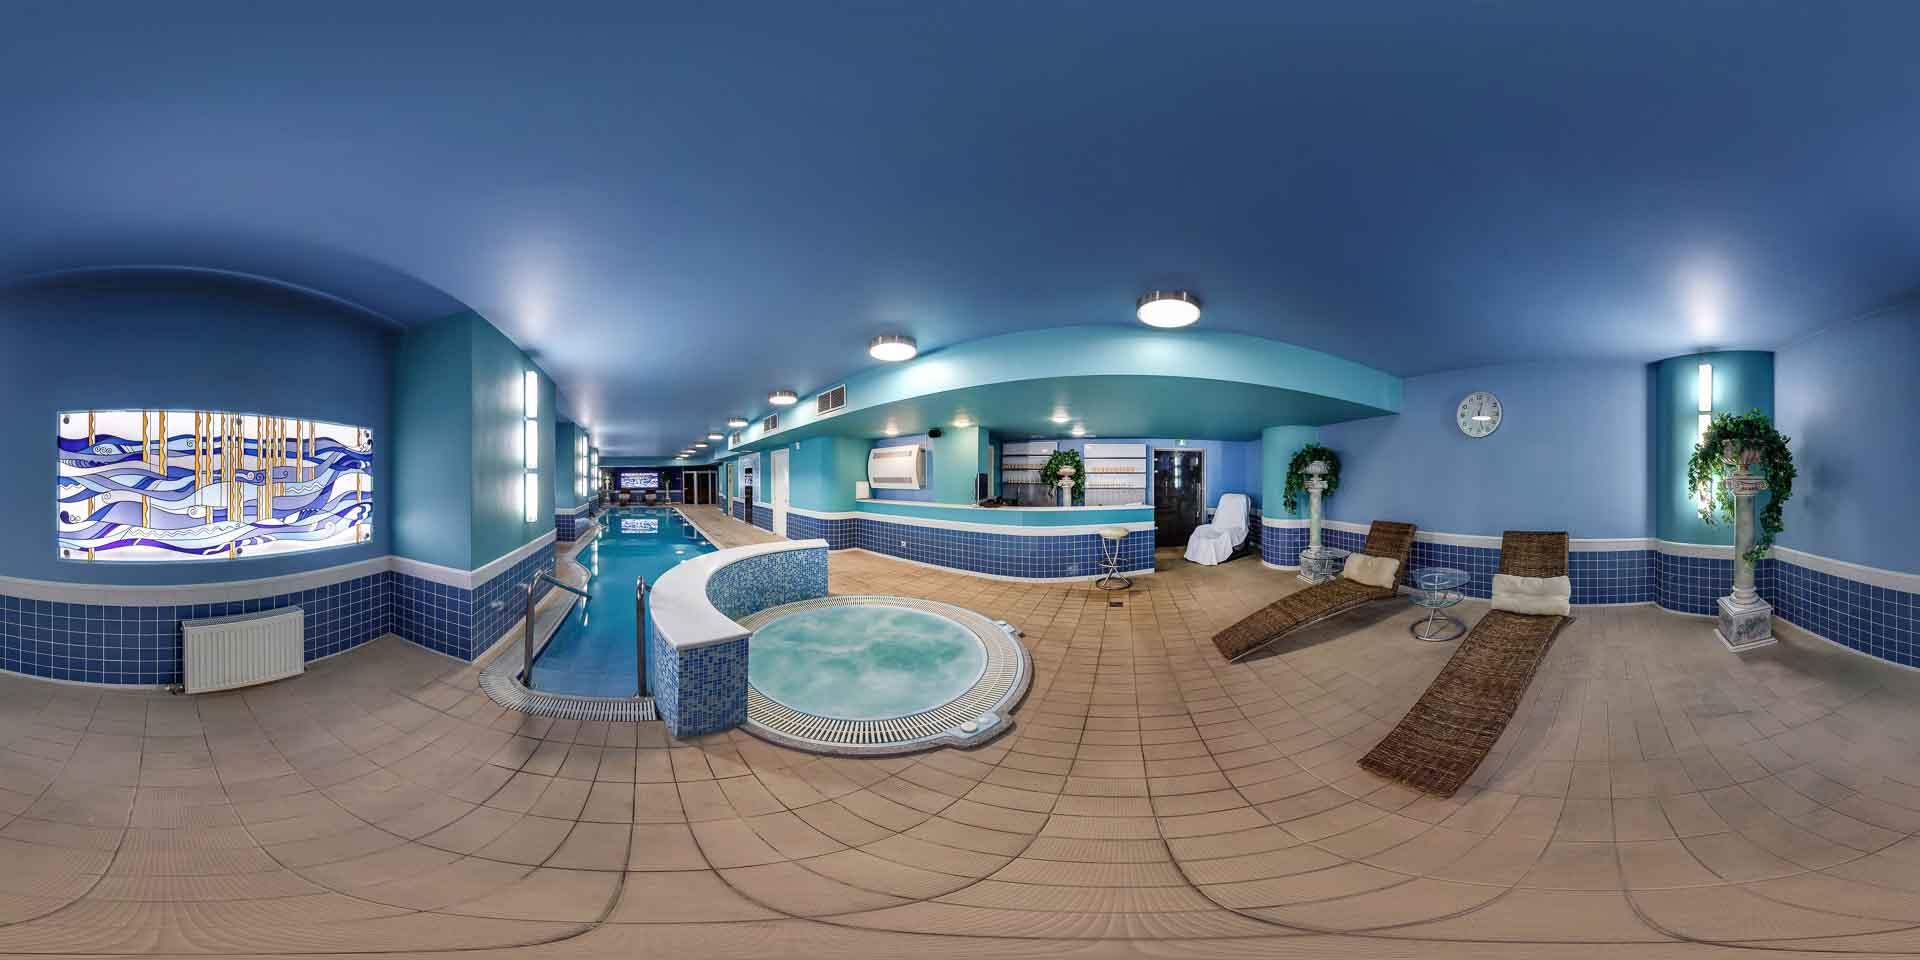 virtual tour 360 Centro benessere e Spa